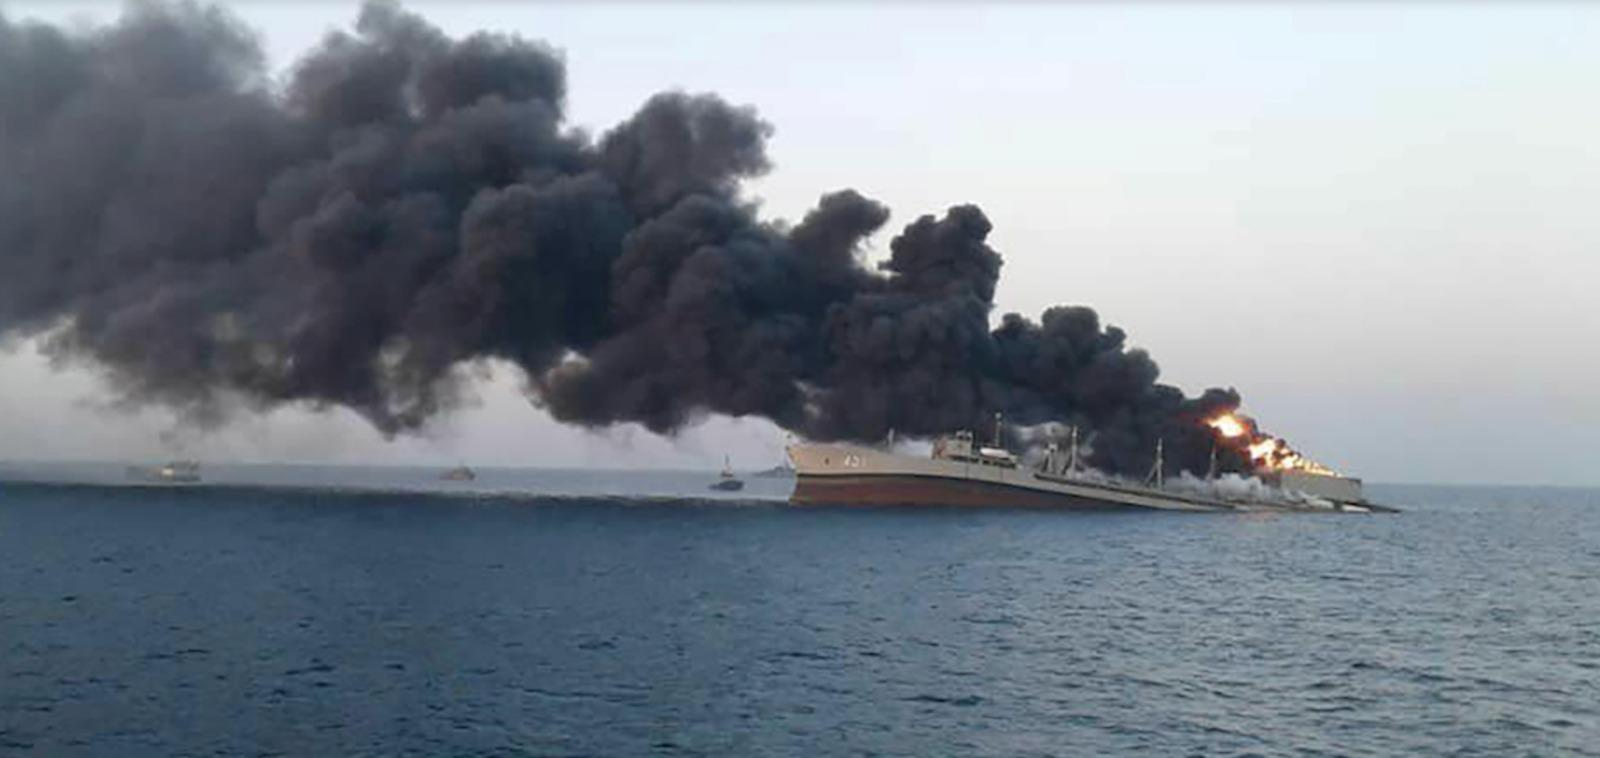 Fotos de satélite muestran los restos del buque de guerra más grande de Irán